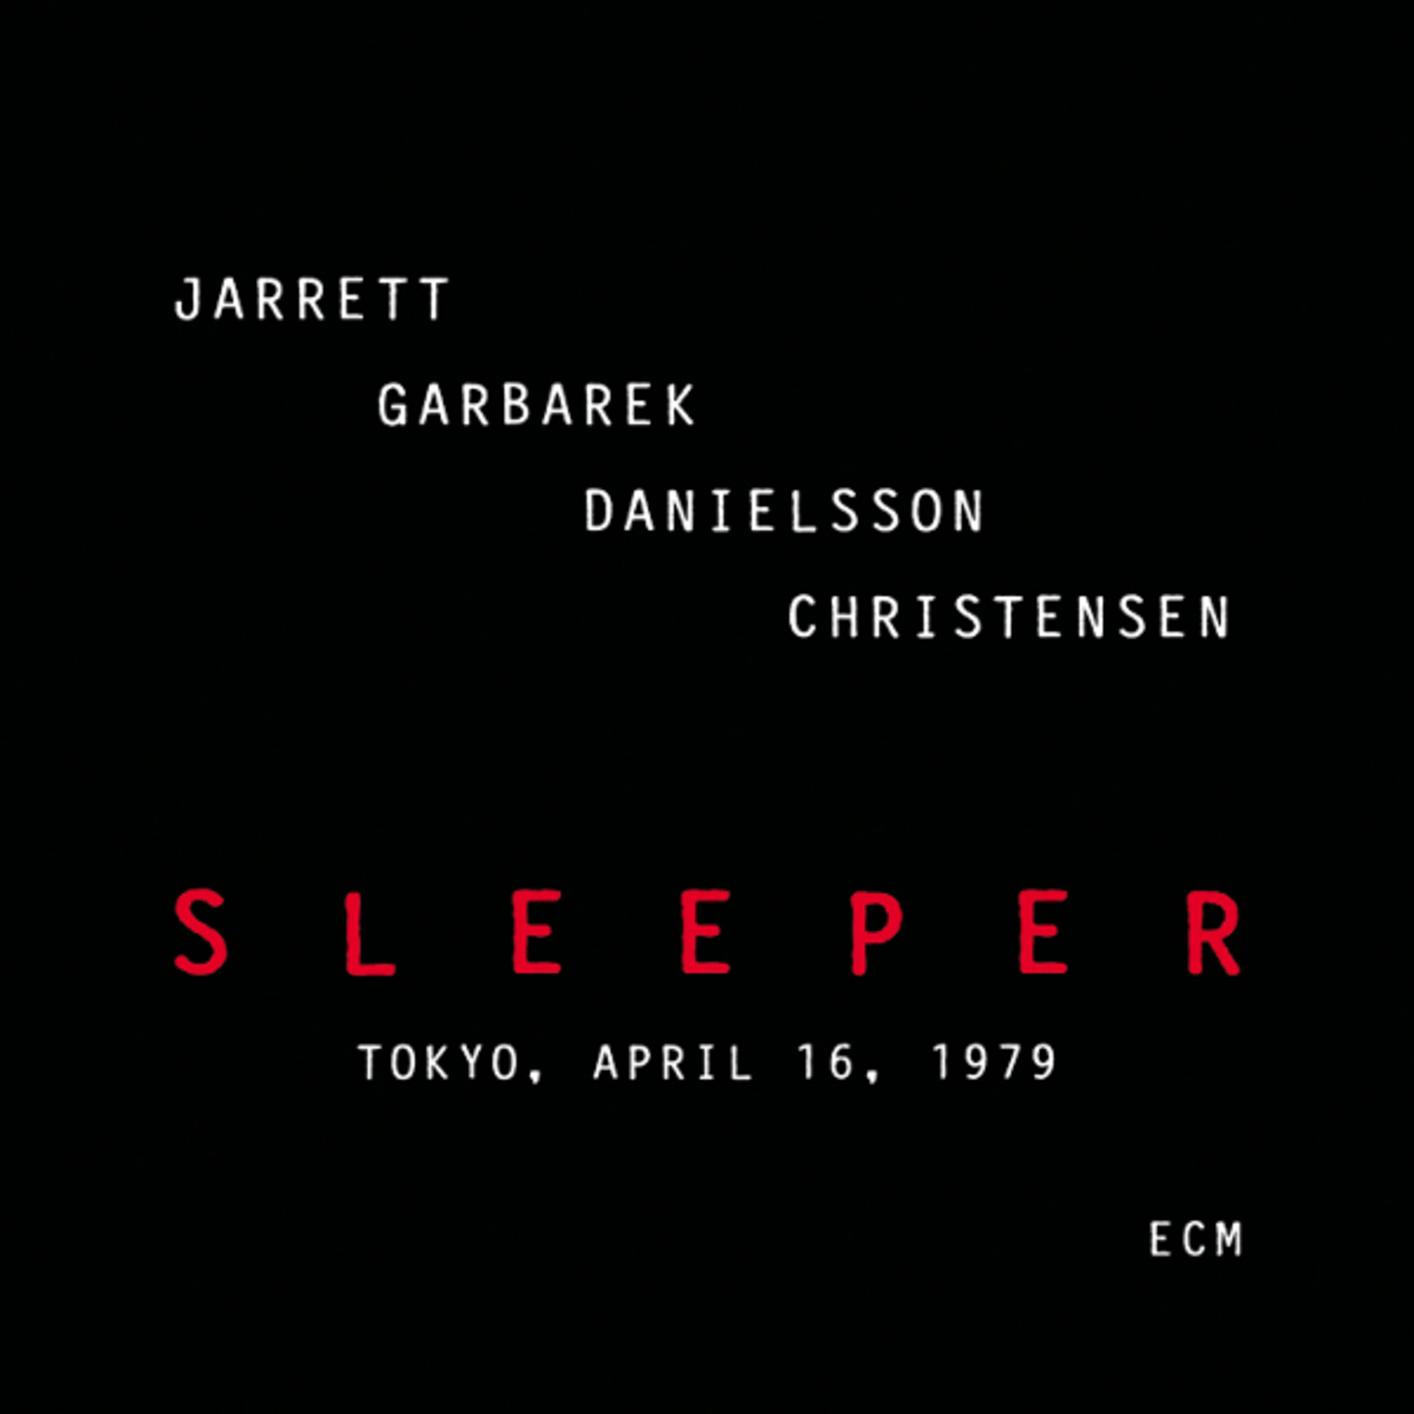 Noiself Keith Jarrett Sleeper